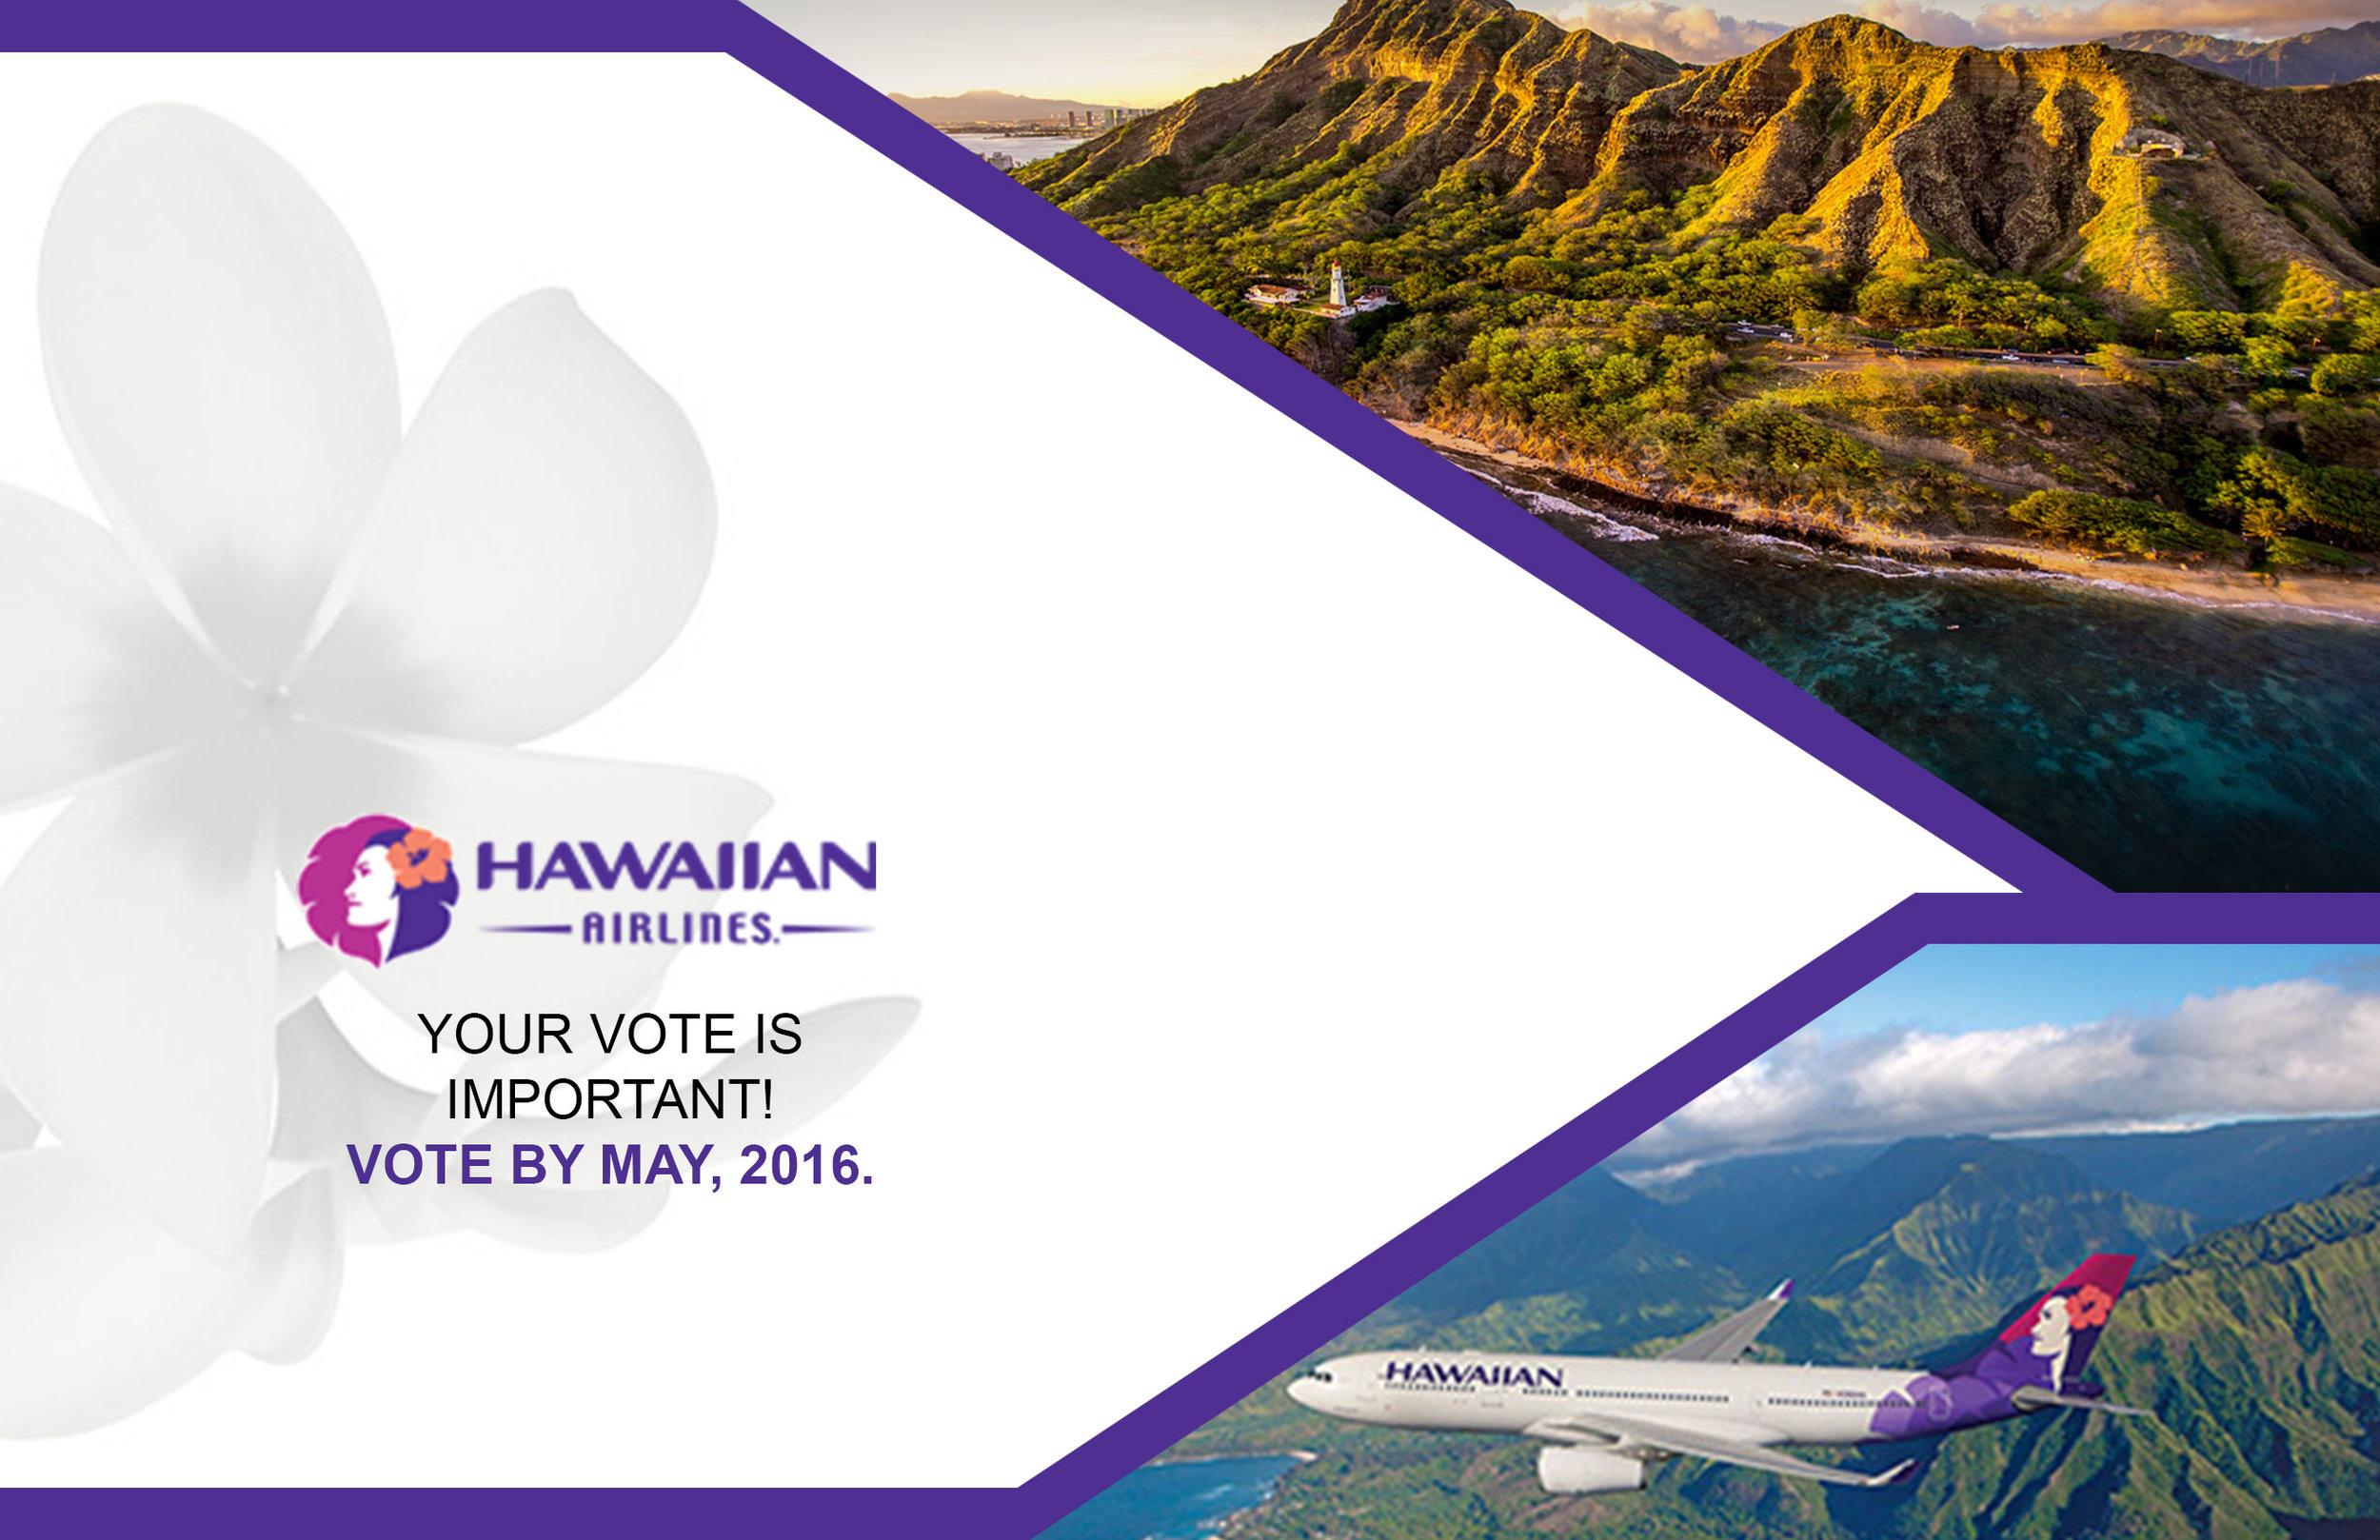 Hawaiian holdings_Enhanced Notice Insert Template_v2.3_8-12-16.jpg